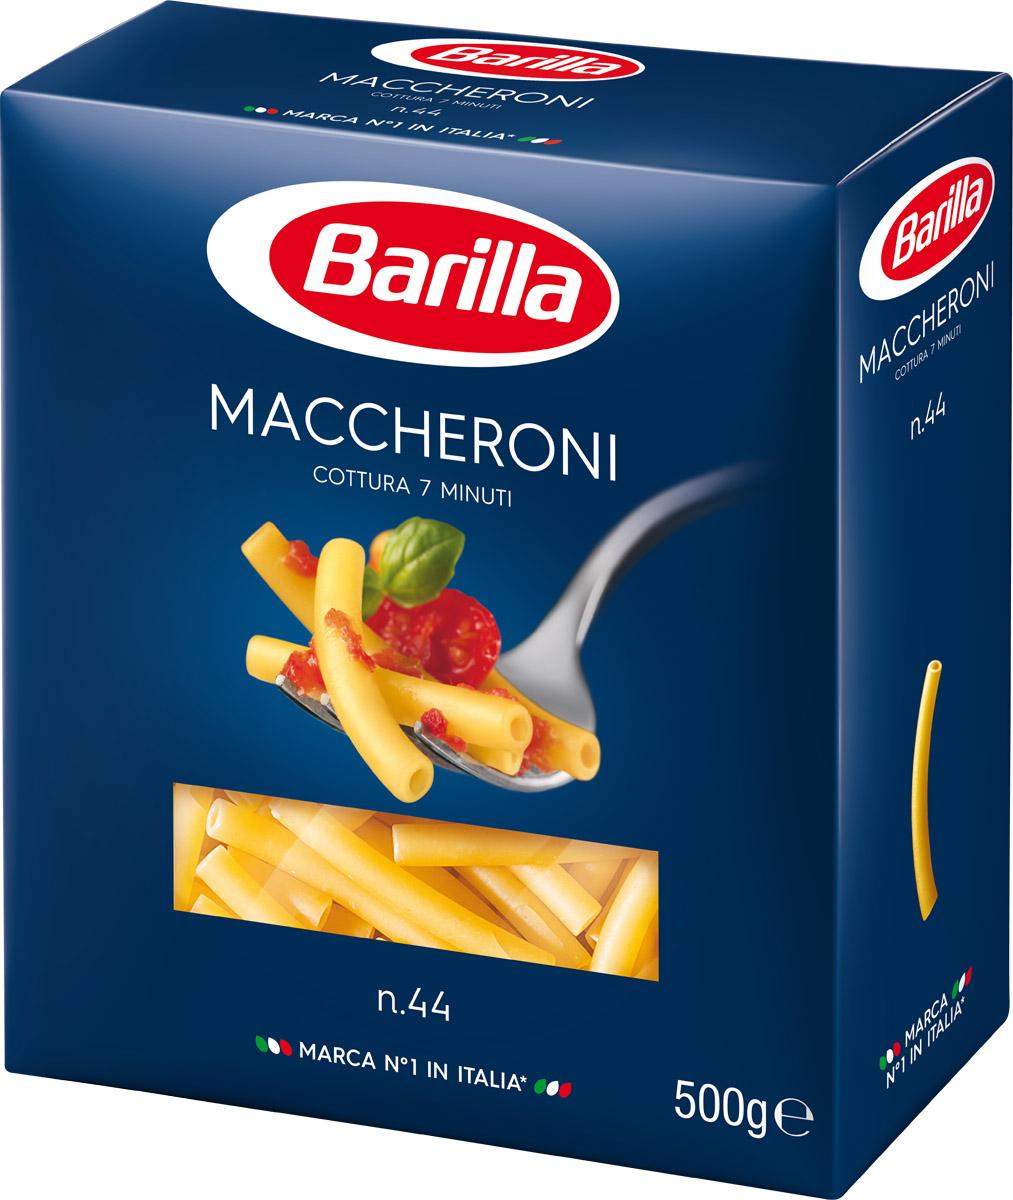 Barilla Maccheroni паста маккерони, 500 г8076808050440По одной из версий, некий римский кардинал, увидев их впервые на своем столе, воскликнул: О, ма карони! (О, как мило!). Маккерони - классика итальянской гастрономии, самый известный формат пасты, давший название этой продуктовой категории во всем мире. Маккерони - один из традиционных видов пасты. Не слишком короткие, не слишком широкие - они идеально подходят для экспериментов на кухне. Благодаря такой форме их можно использовать как с легкими, так и с густыми томатными, овощными и мясными соусами. Идеальный формат пасты для гарнира, прекрасно сочетается с густыми томатными, овощными и мясными соусами. Дети очень любят эту пасту с сыром и беконом. Если вы хотите попробовать блюдо с более выраженным вкусом, то вместо ветчины возьмите копченый бекон, добавьте вяленые помидоры, острый перец и сбрызните оливковым маслом. Уважаемые клиенты! Обращаем ваше внимание на то, что упаковка может иметь несколько видов дизайна. Поставка...